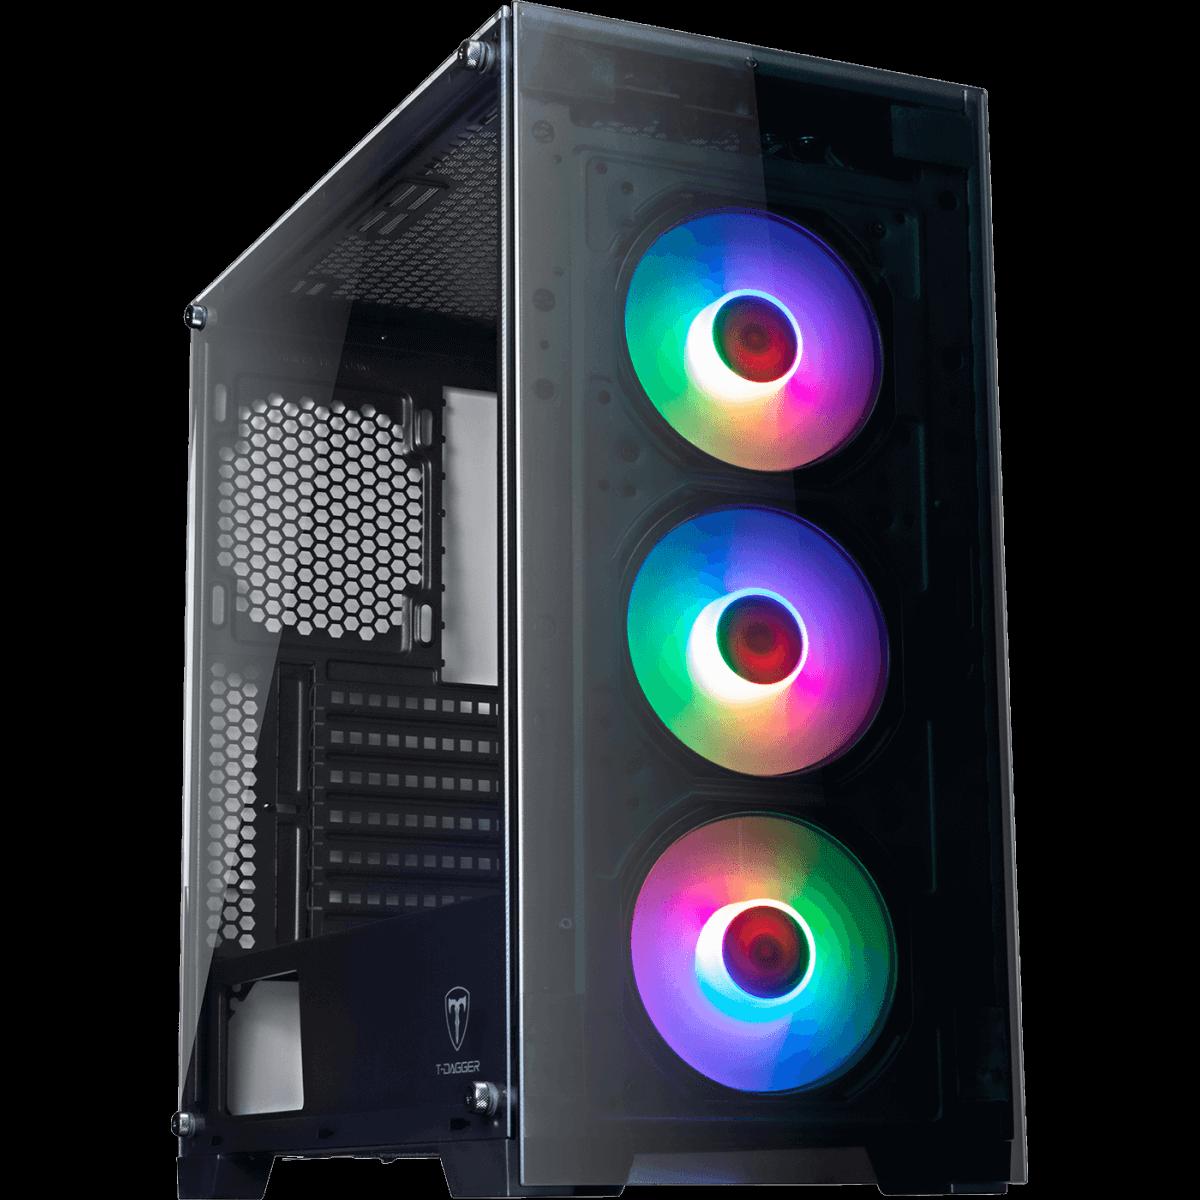 Pc Gamer Tera Edition Amd Ryzen 5 3500 / Radeon Rx 580 / DDR4 8GB / HD 1TB / 600W